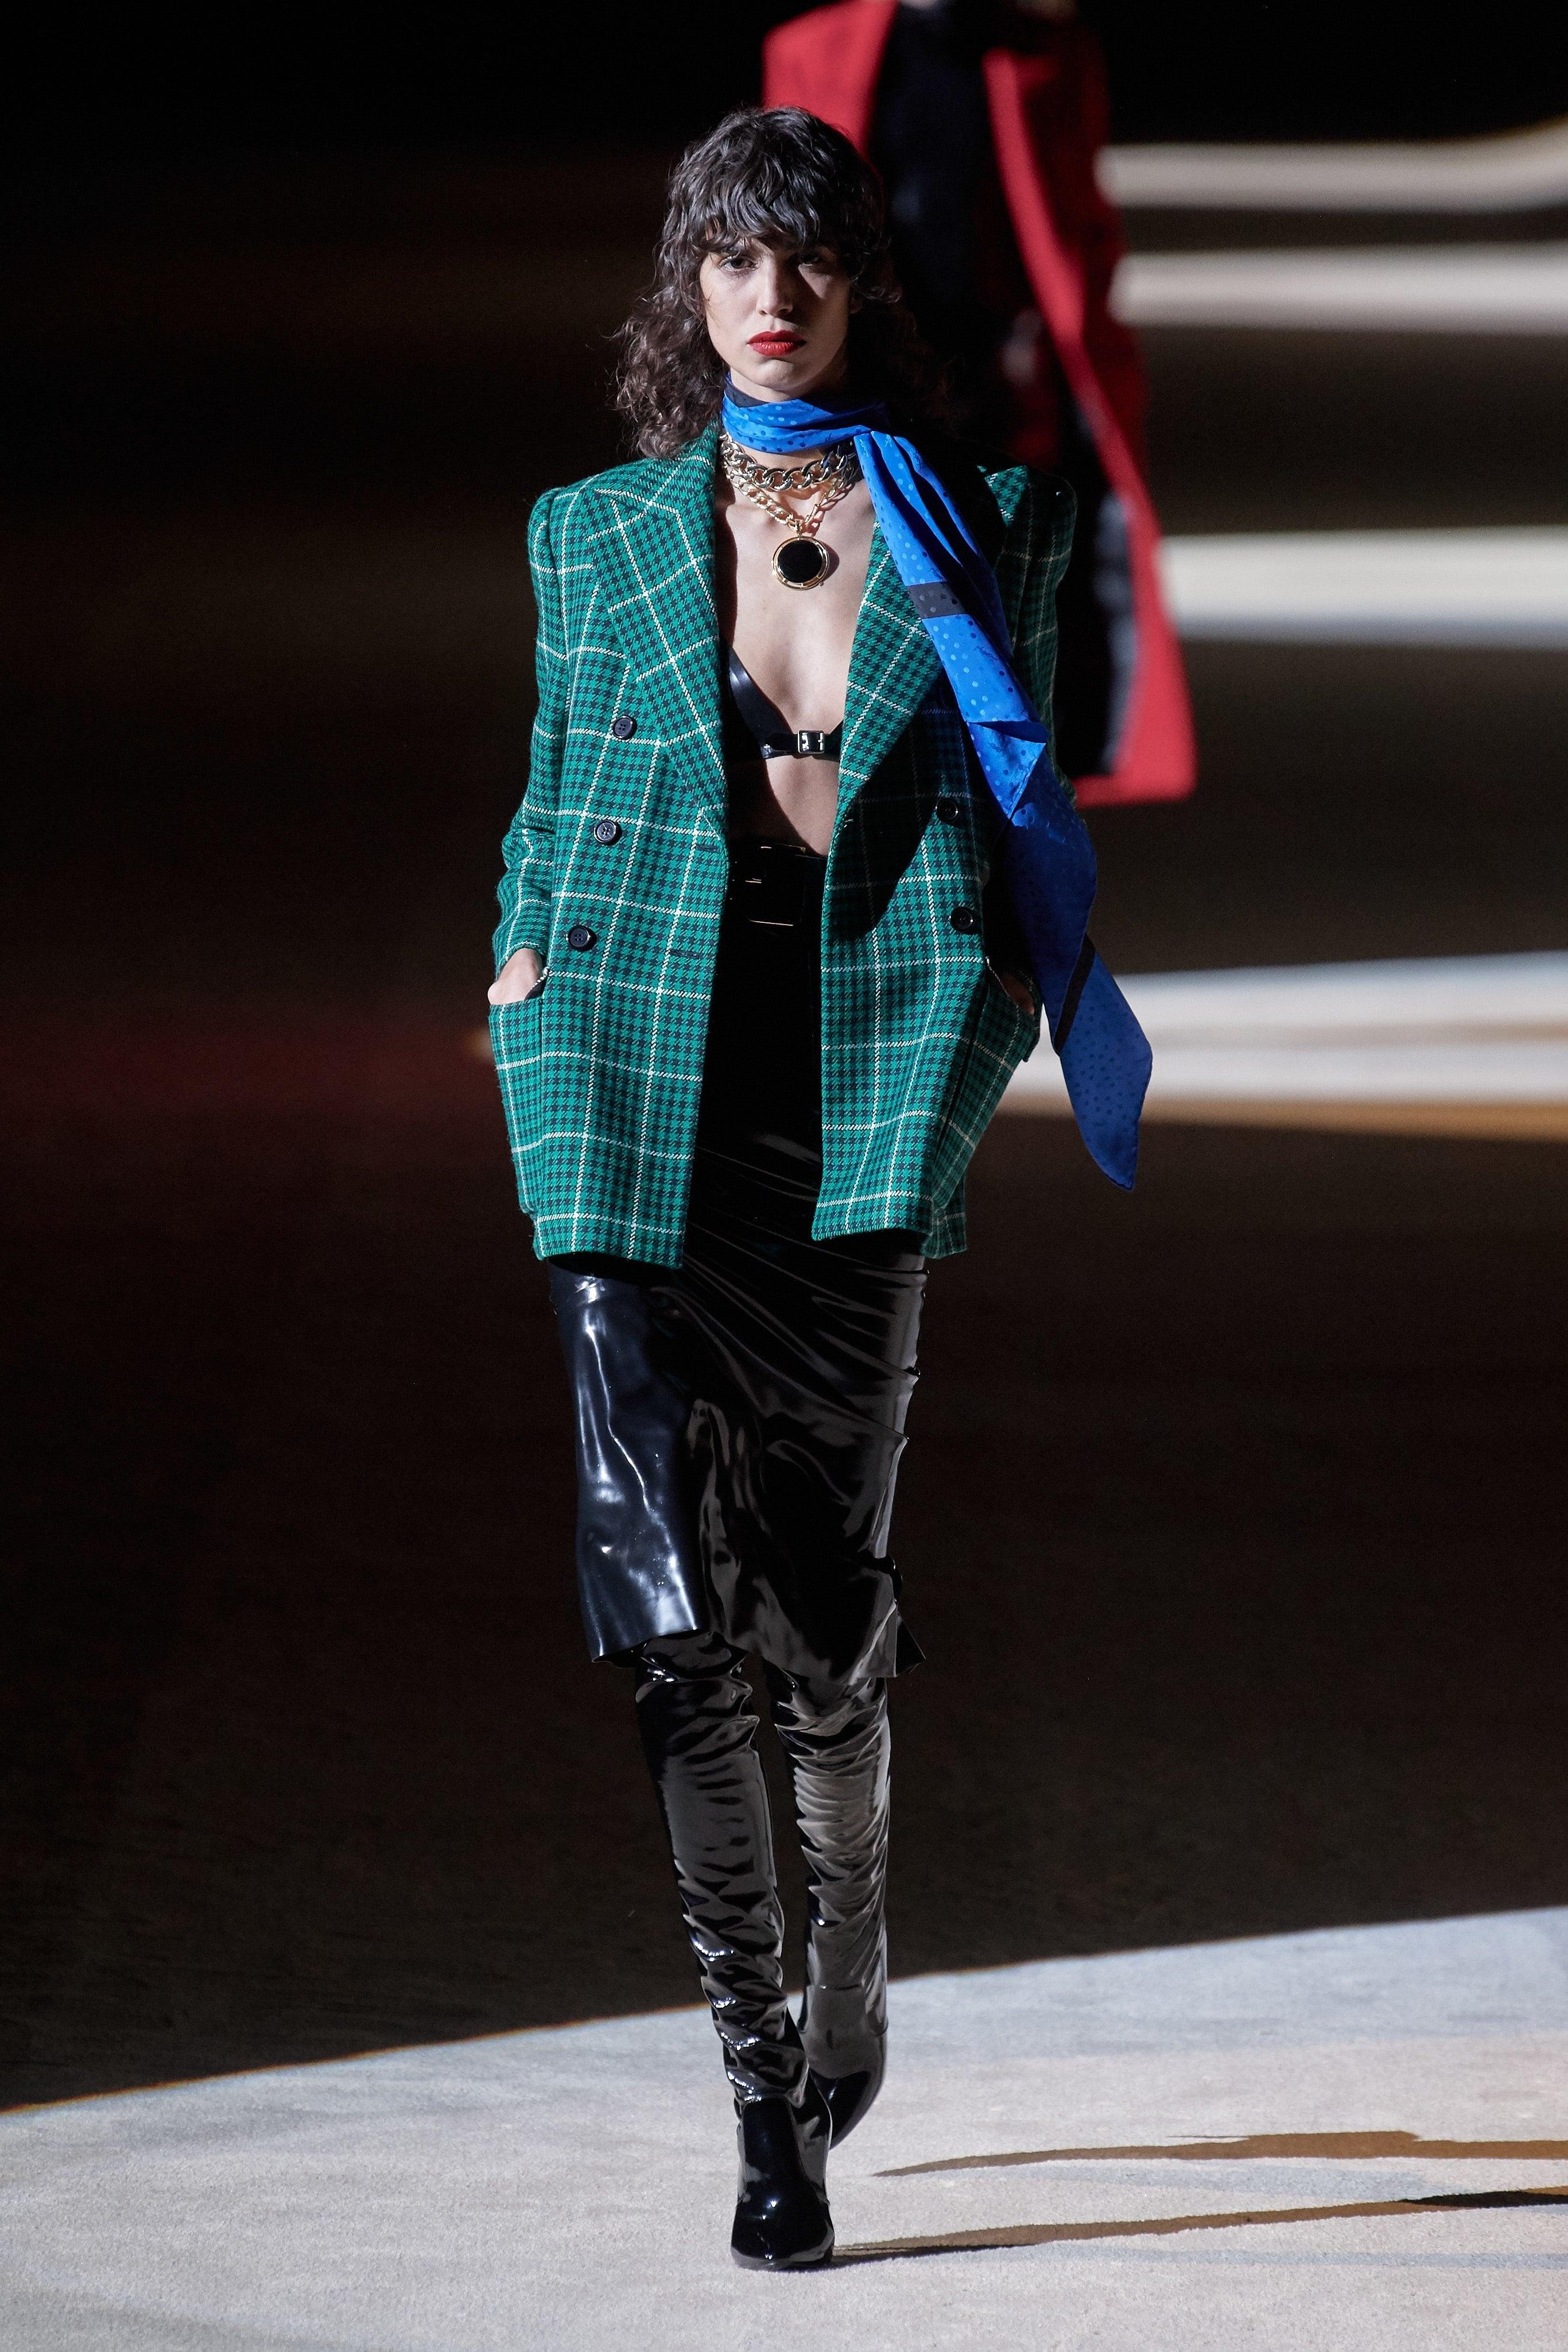 Thời trang nữ quyền của Dior tại Paris Fashion Week - 9